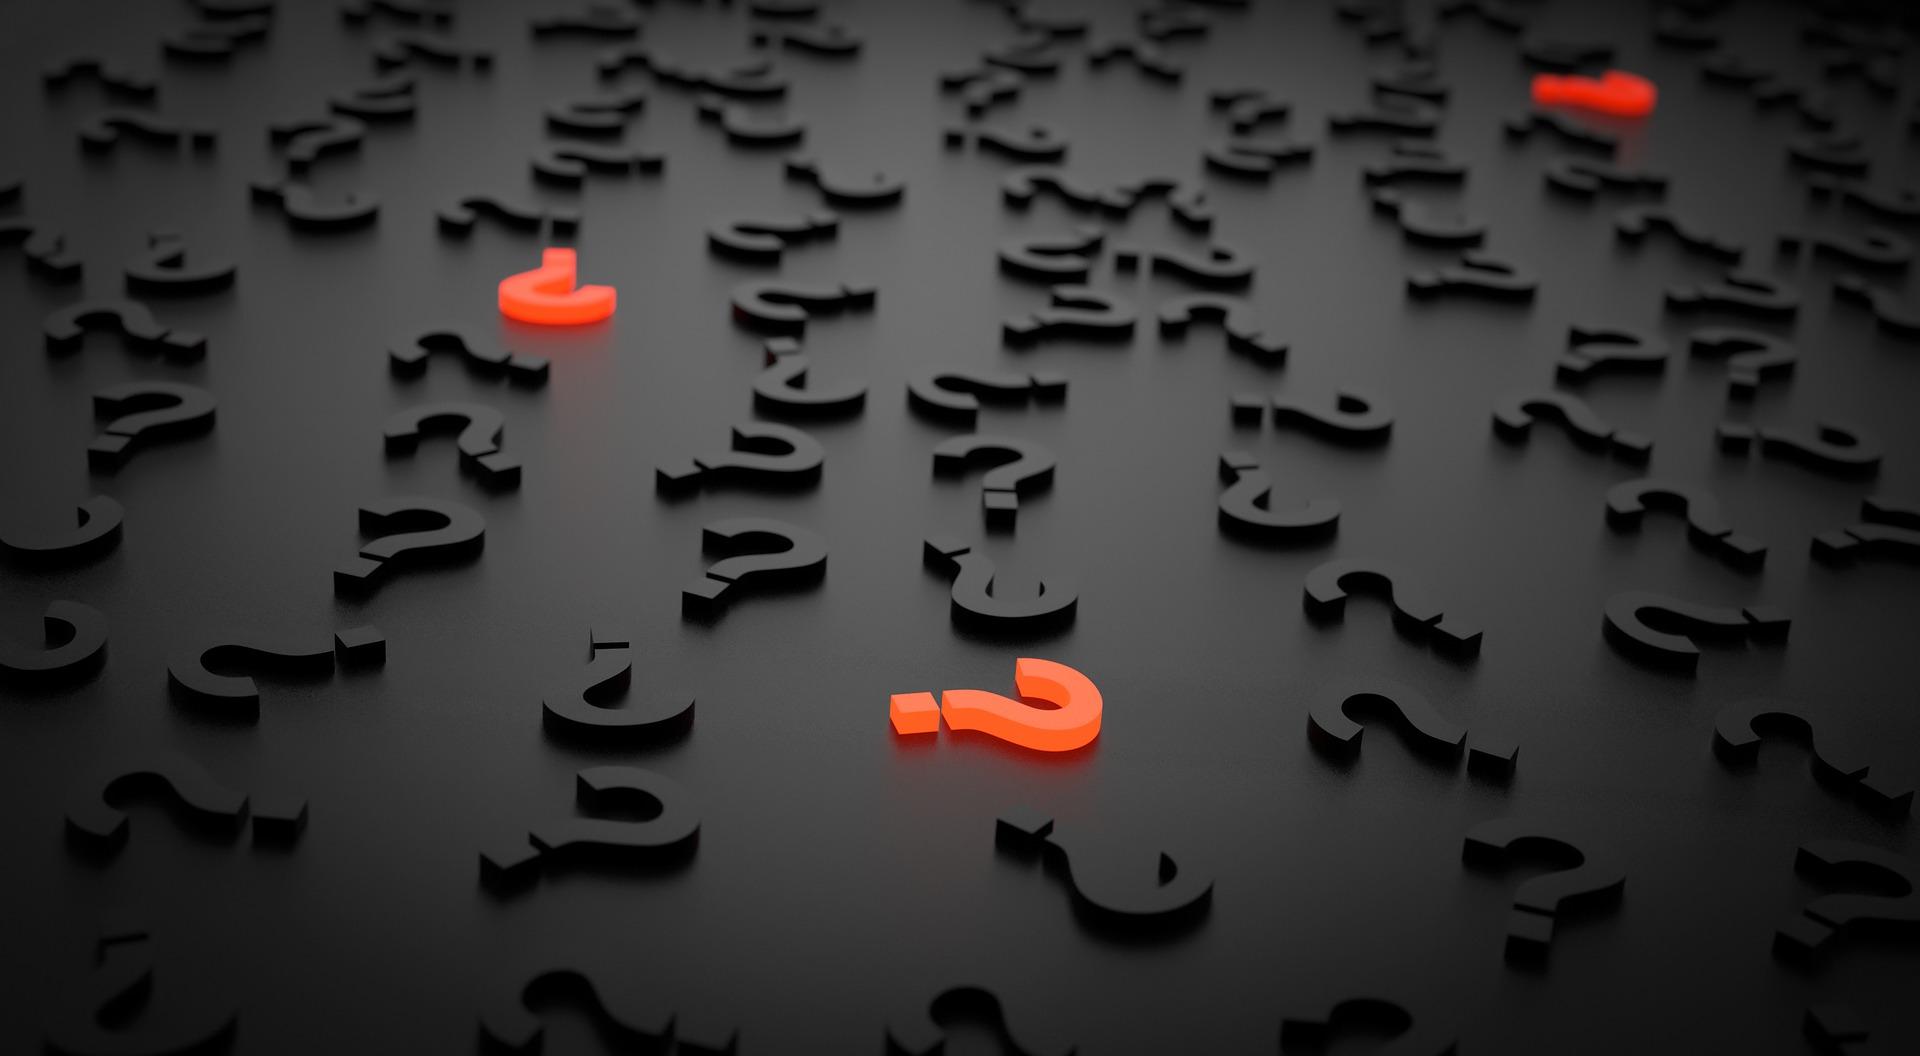 Entscheidungen treffen - ein Selbsttest zur Entscheidungsfähigkeit